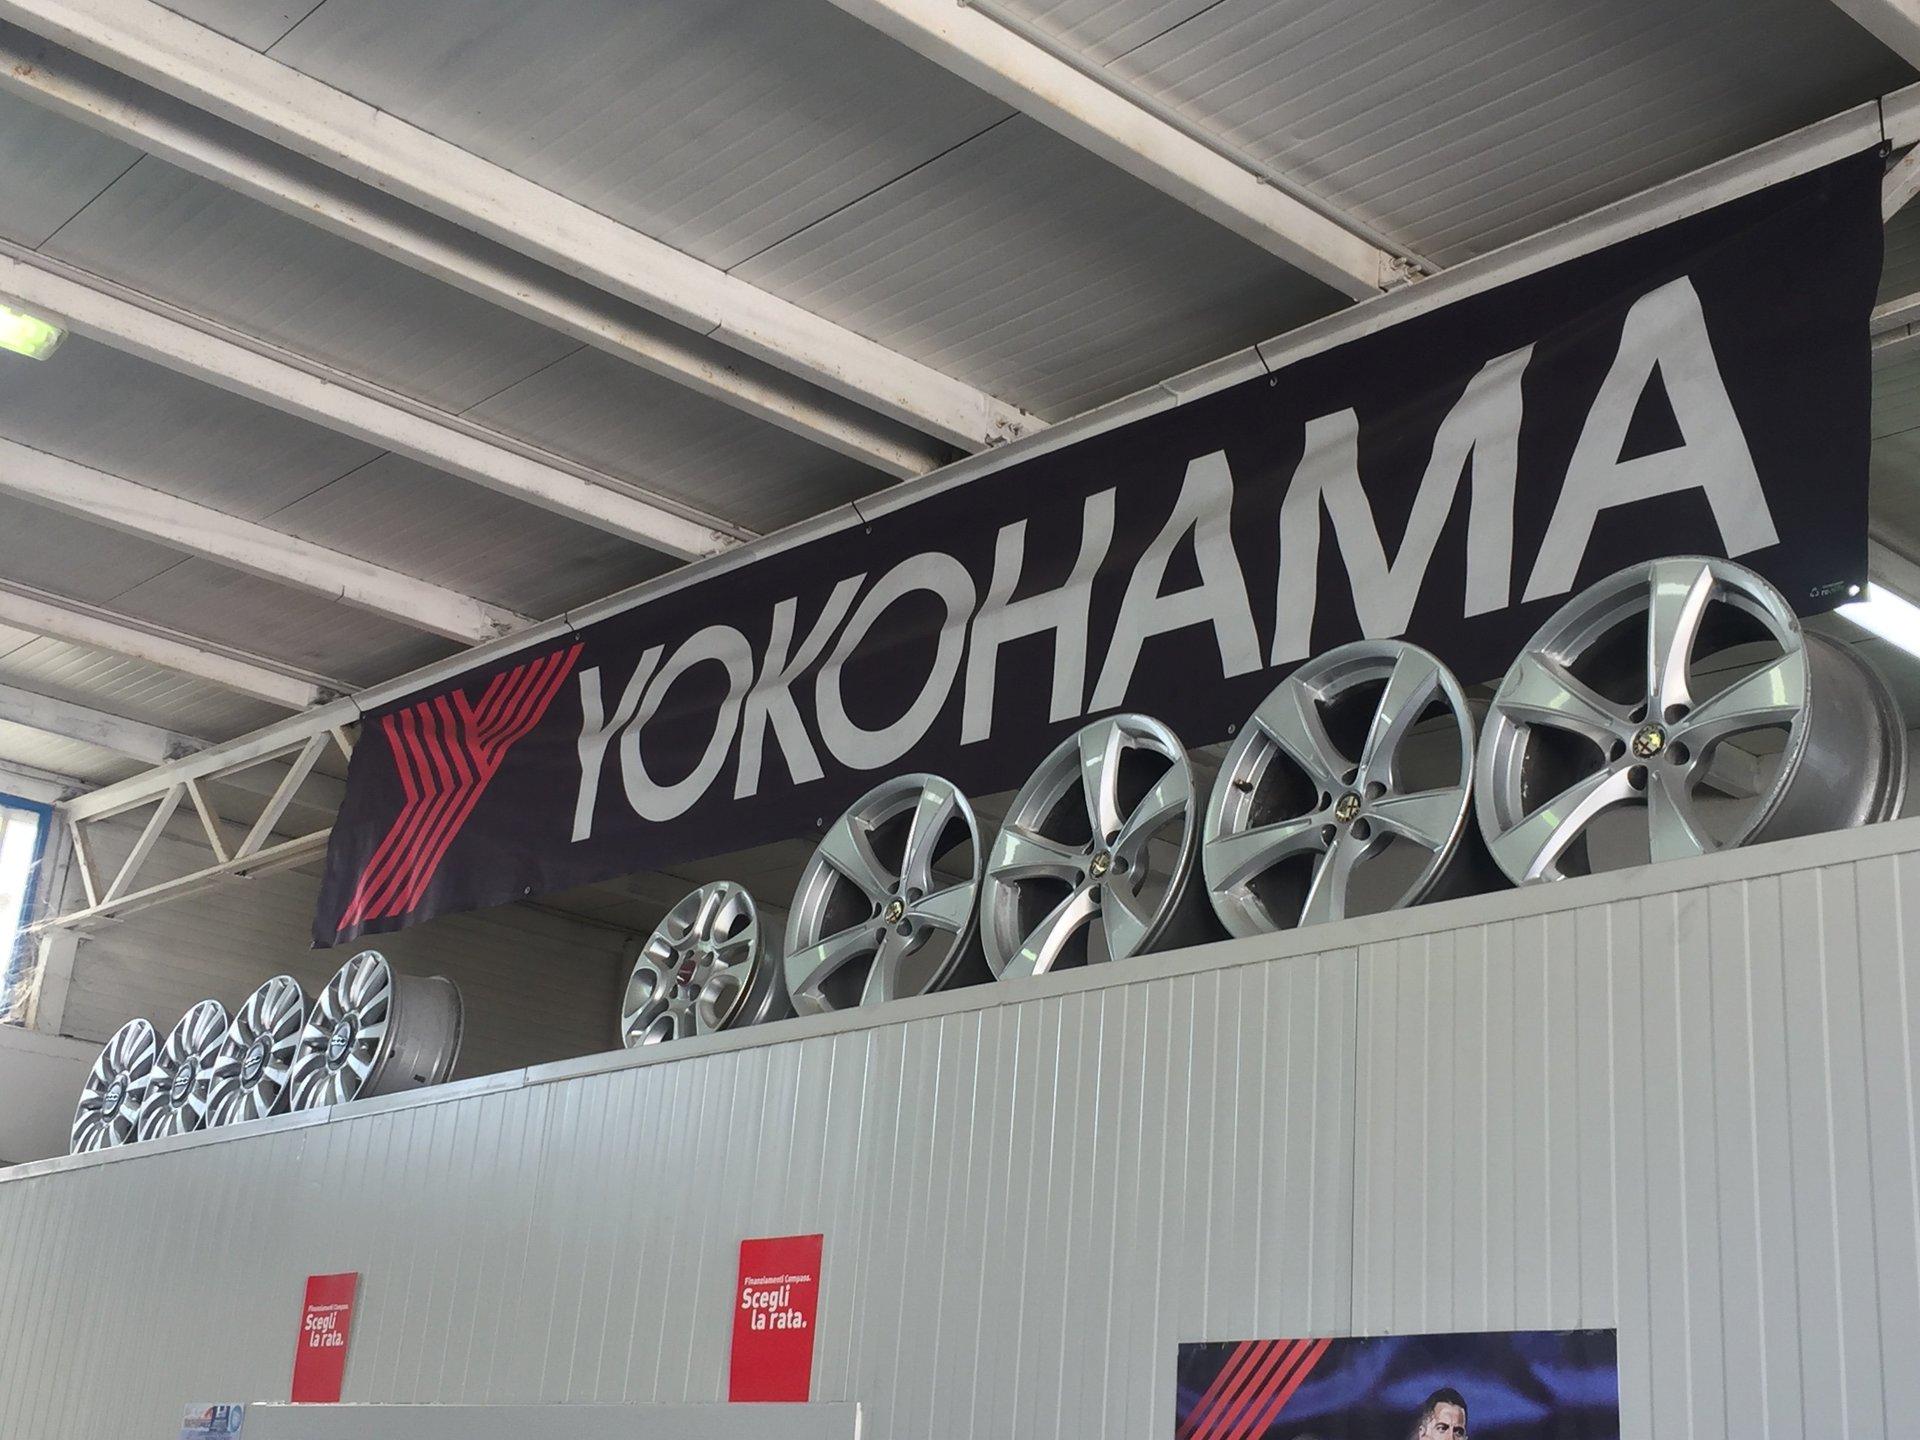 Dei cerchioni e sopra uno striscione con scritto Yokohama